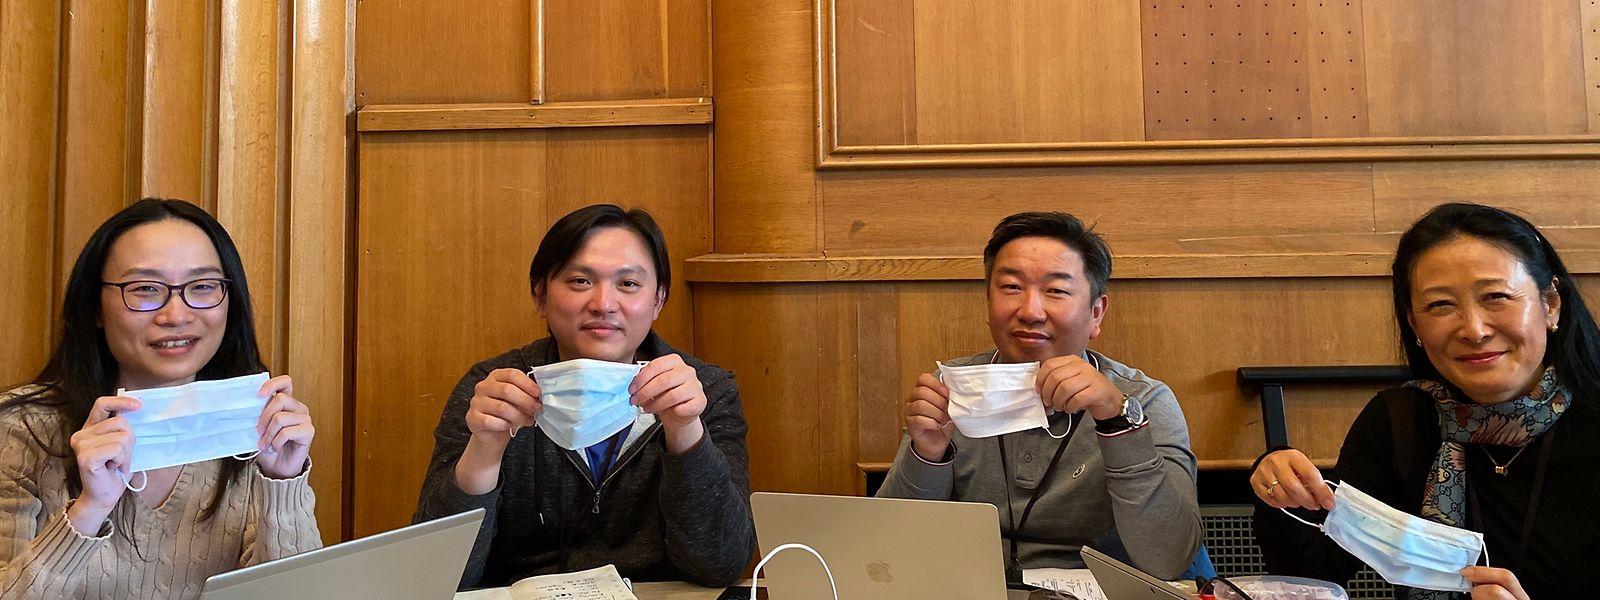 """Cheng Xia (2.v.l.) betreut die Materialbeschaffung in China. Zusammen mit seinen Kollegen Xiaoyan Huang, Yoon-shin Delcourt und Yongjun Kwon (v.l.n.r.) arbeitet er am """"Asia Desk"""" im Krisenstab der Santé in der Villa Louvigny."""